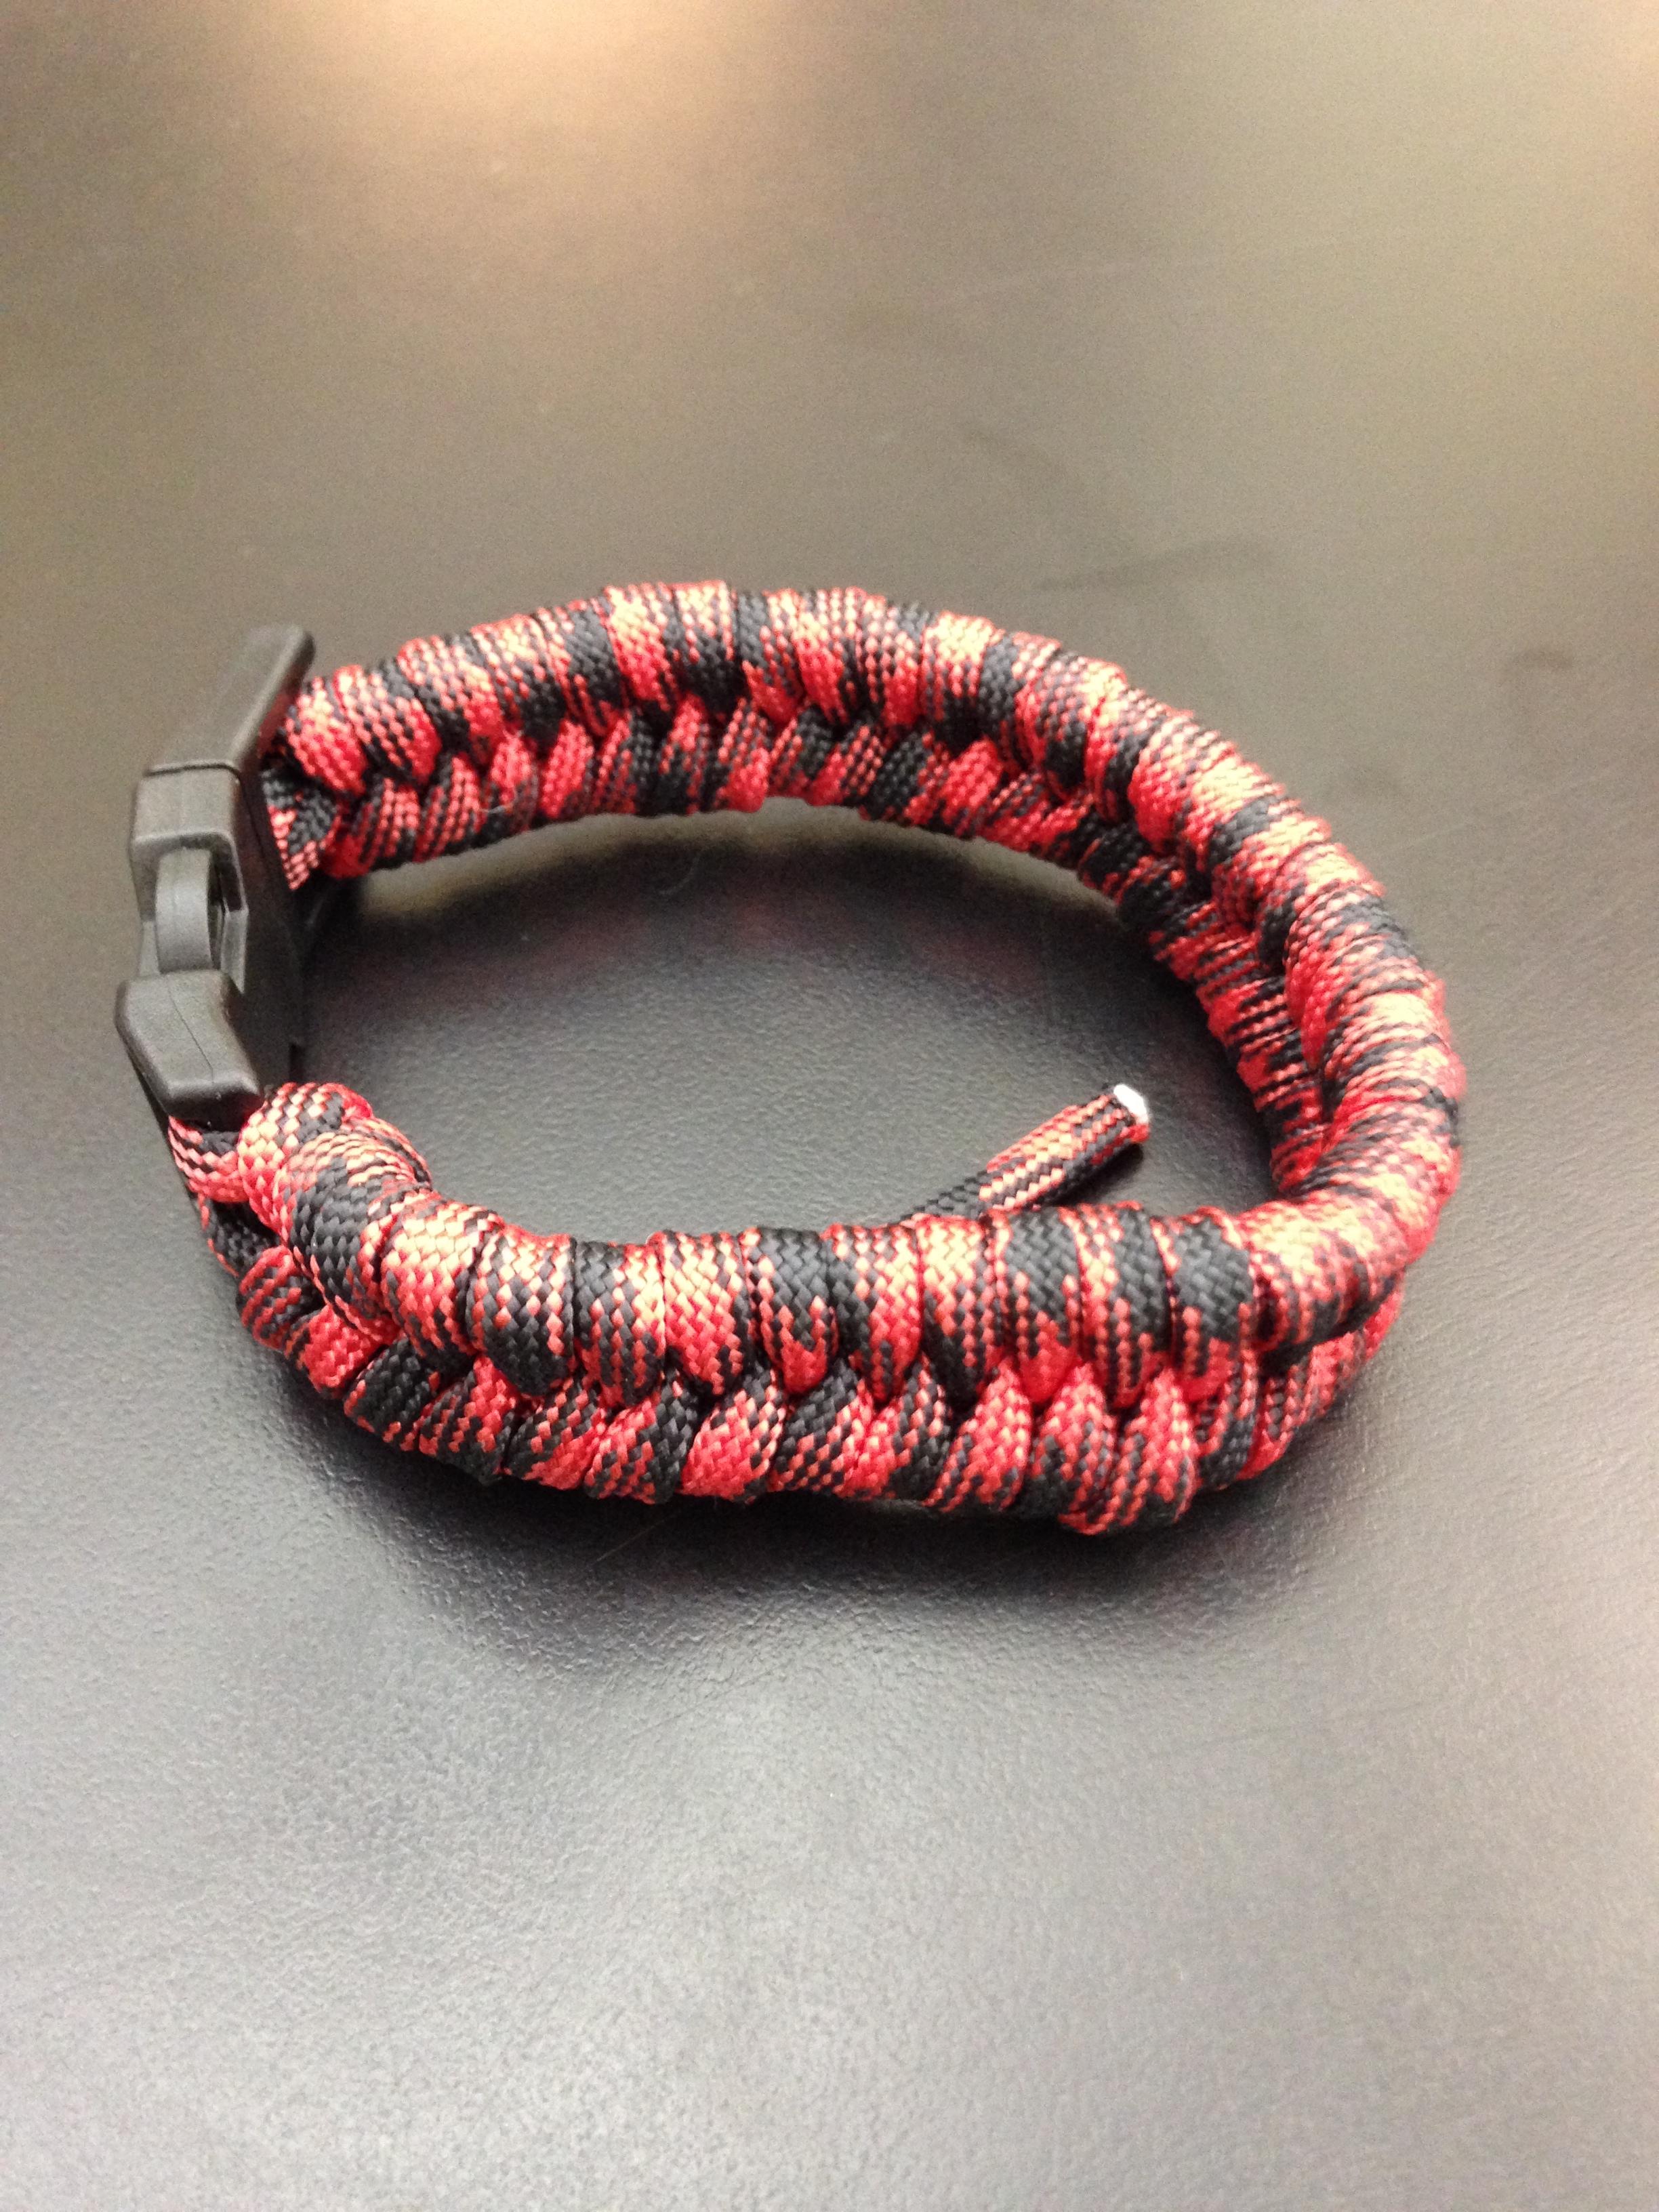 Making a Fishbone/Fishtail Paracord Bracelet